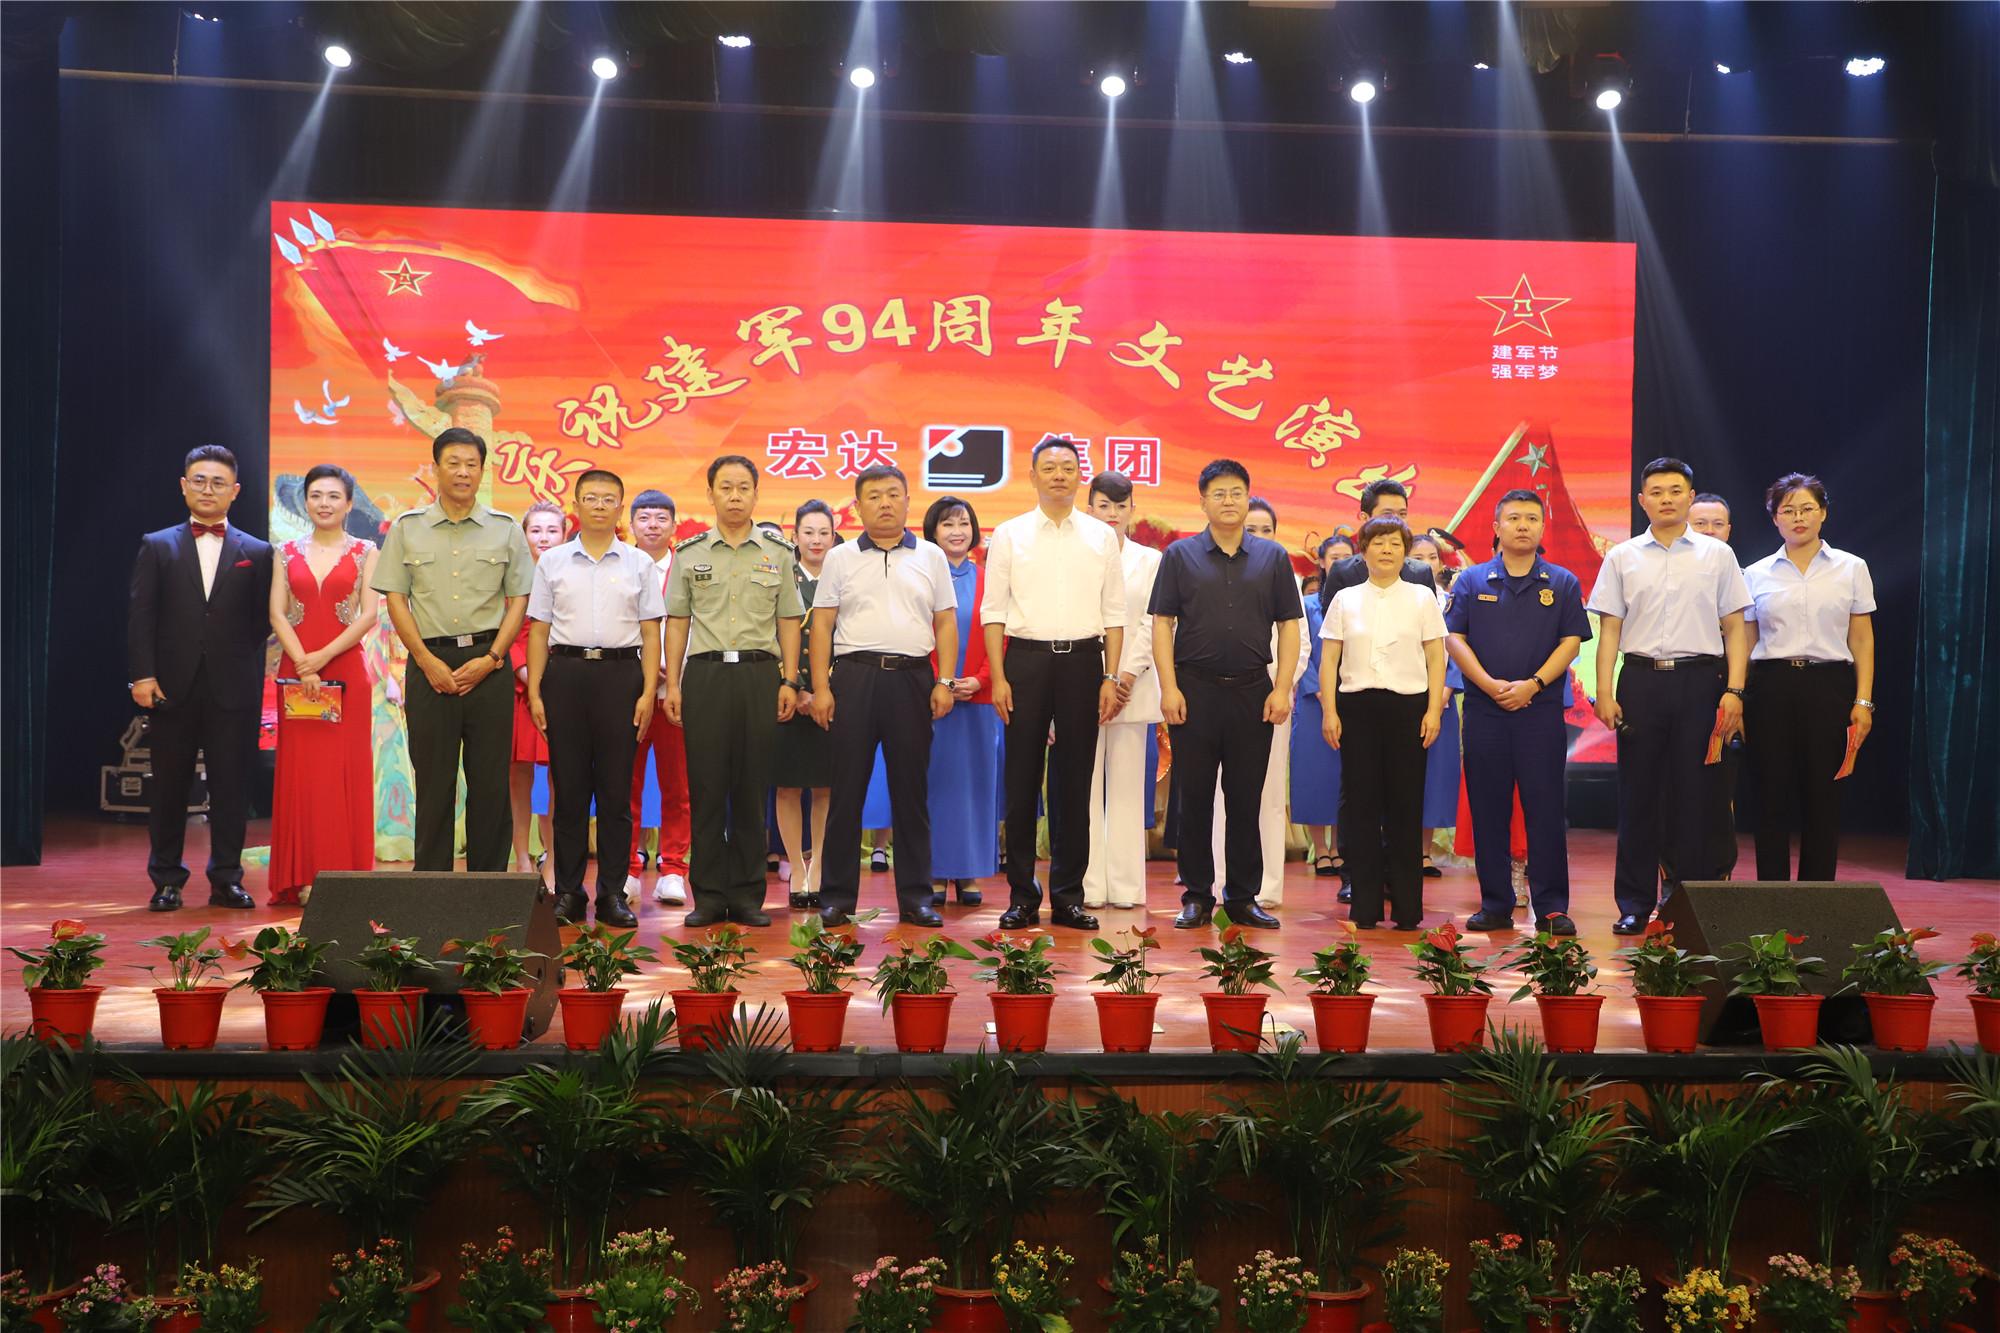 弘扬优良传统  永葆军人本色 宏达集团隆重举办庆祝建军94周年活动